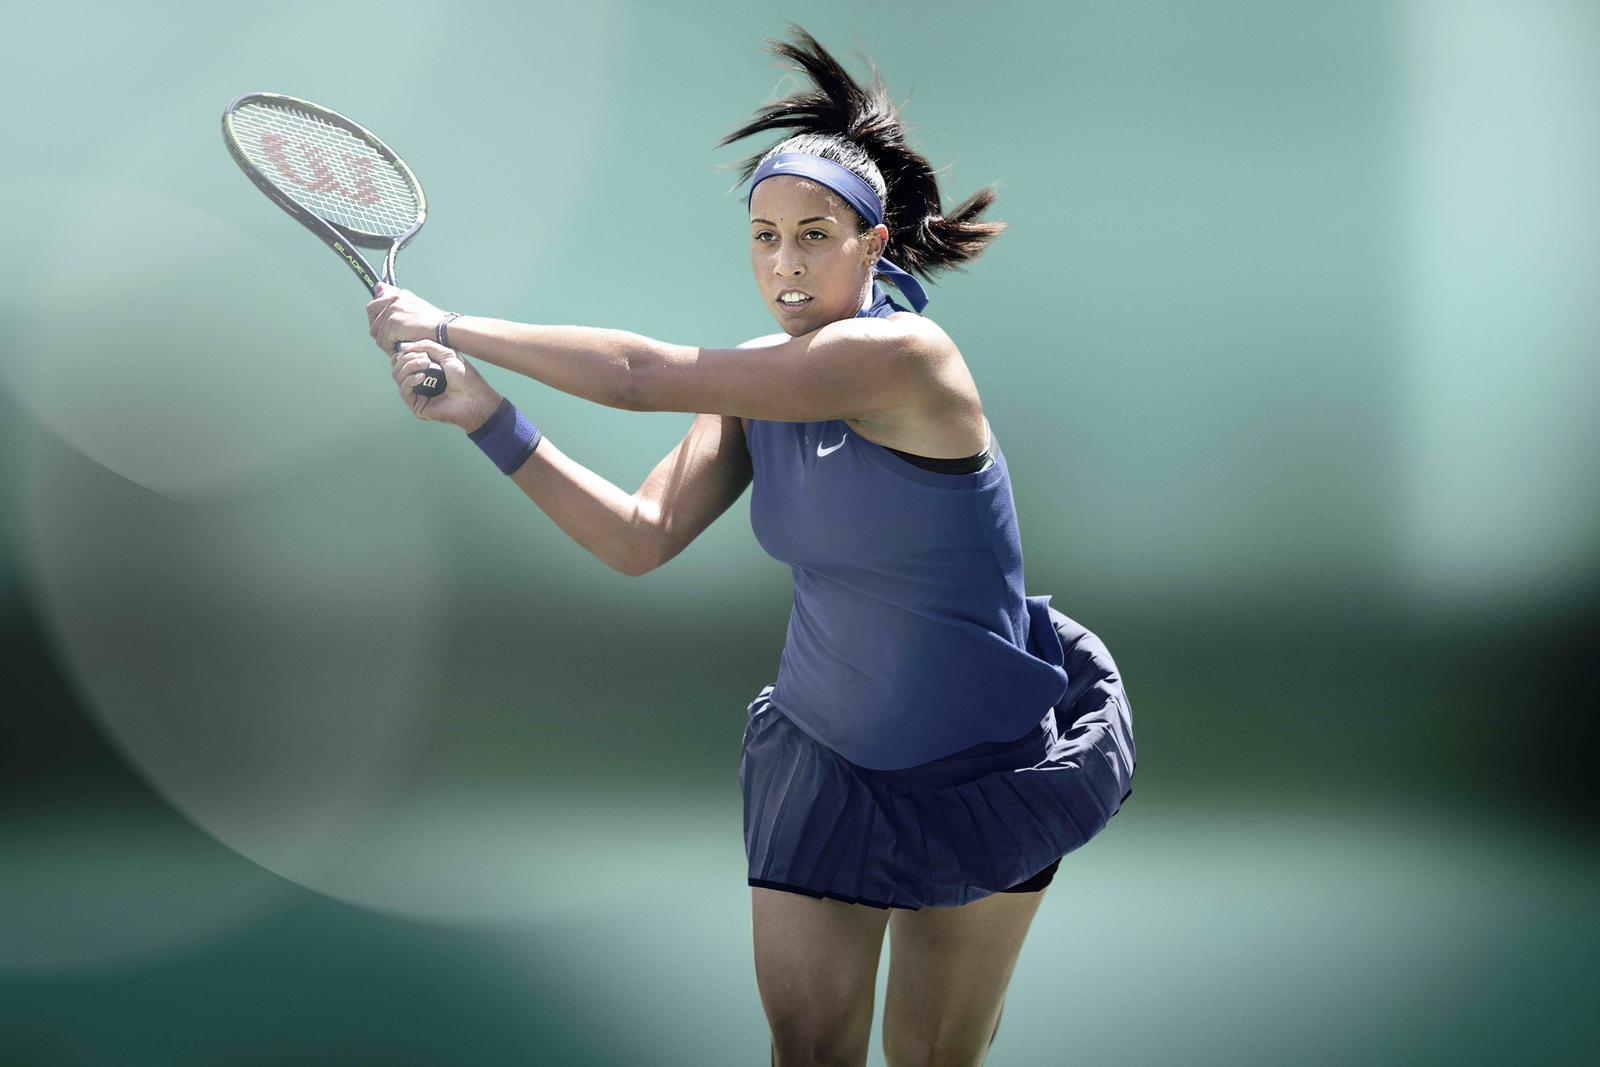 Madison_Keys roland garros 2016 outfit nikecourt nike tennis